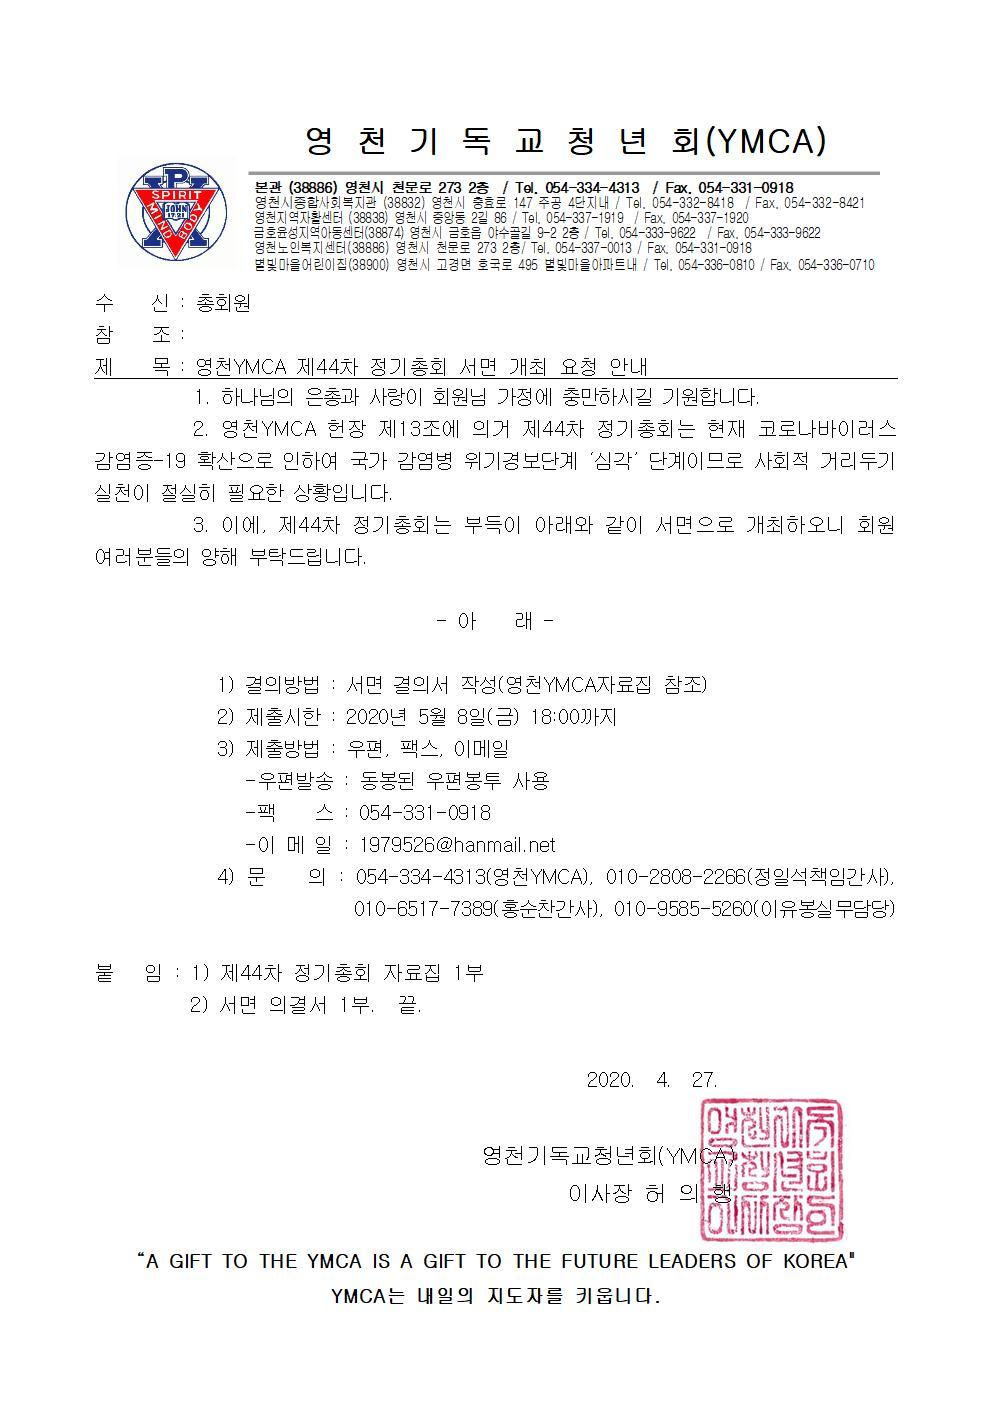 제44차정기총회공문001.jpg